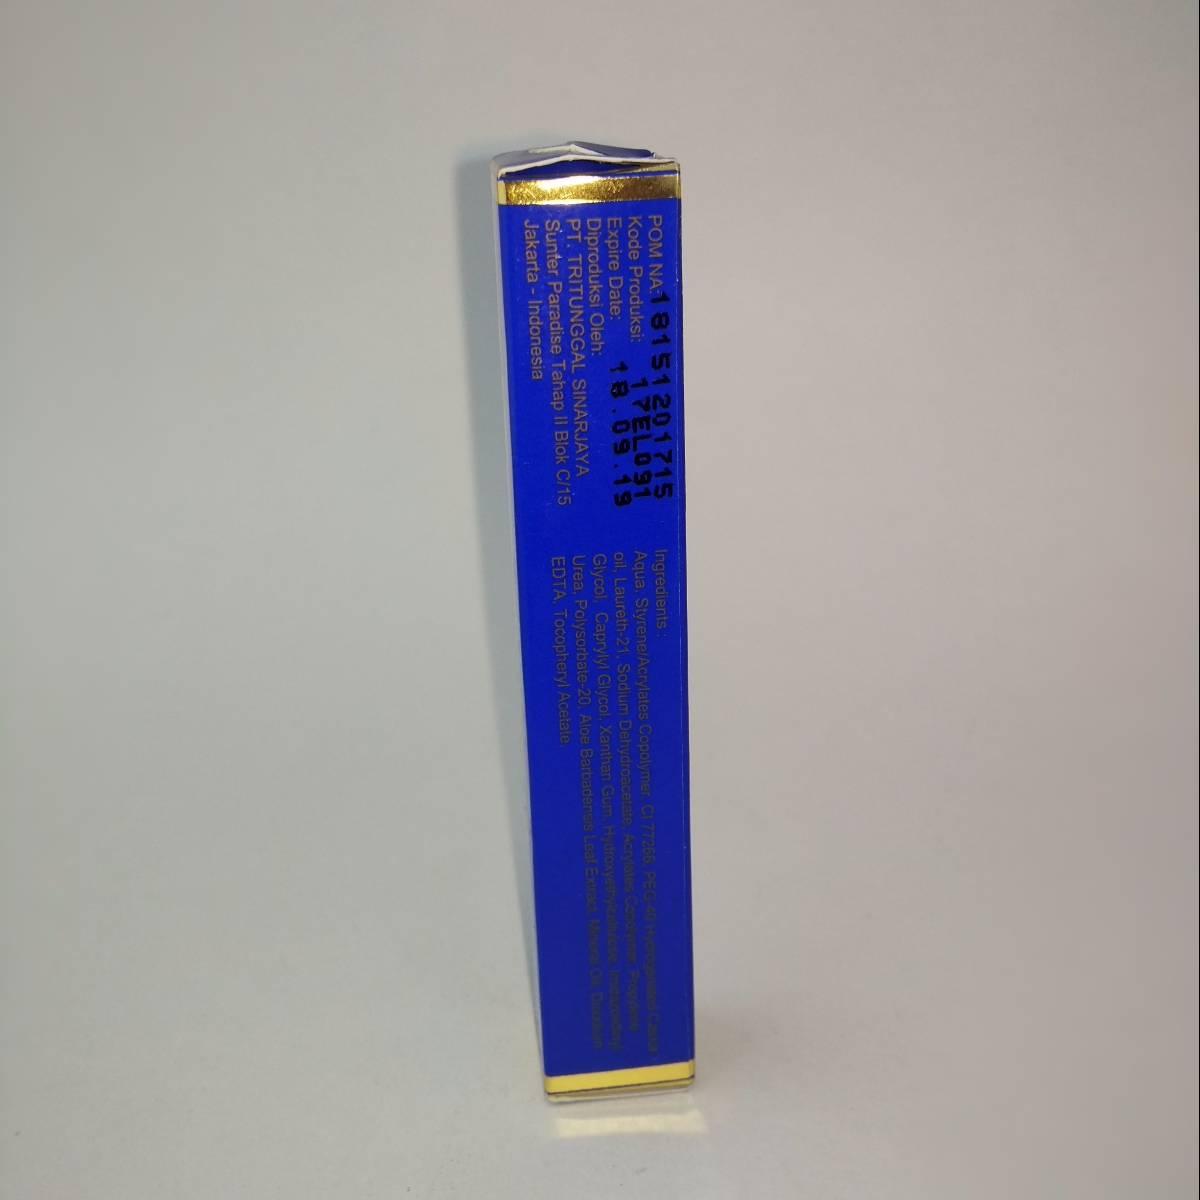 Trisia Liquid Eyeliner Eye Liner Waterproof And Long Lasting Eyeliner Cair1